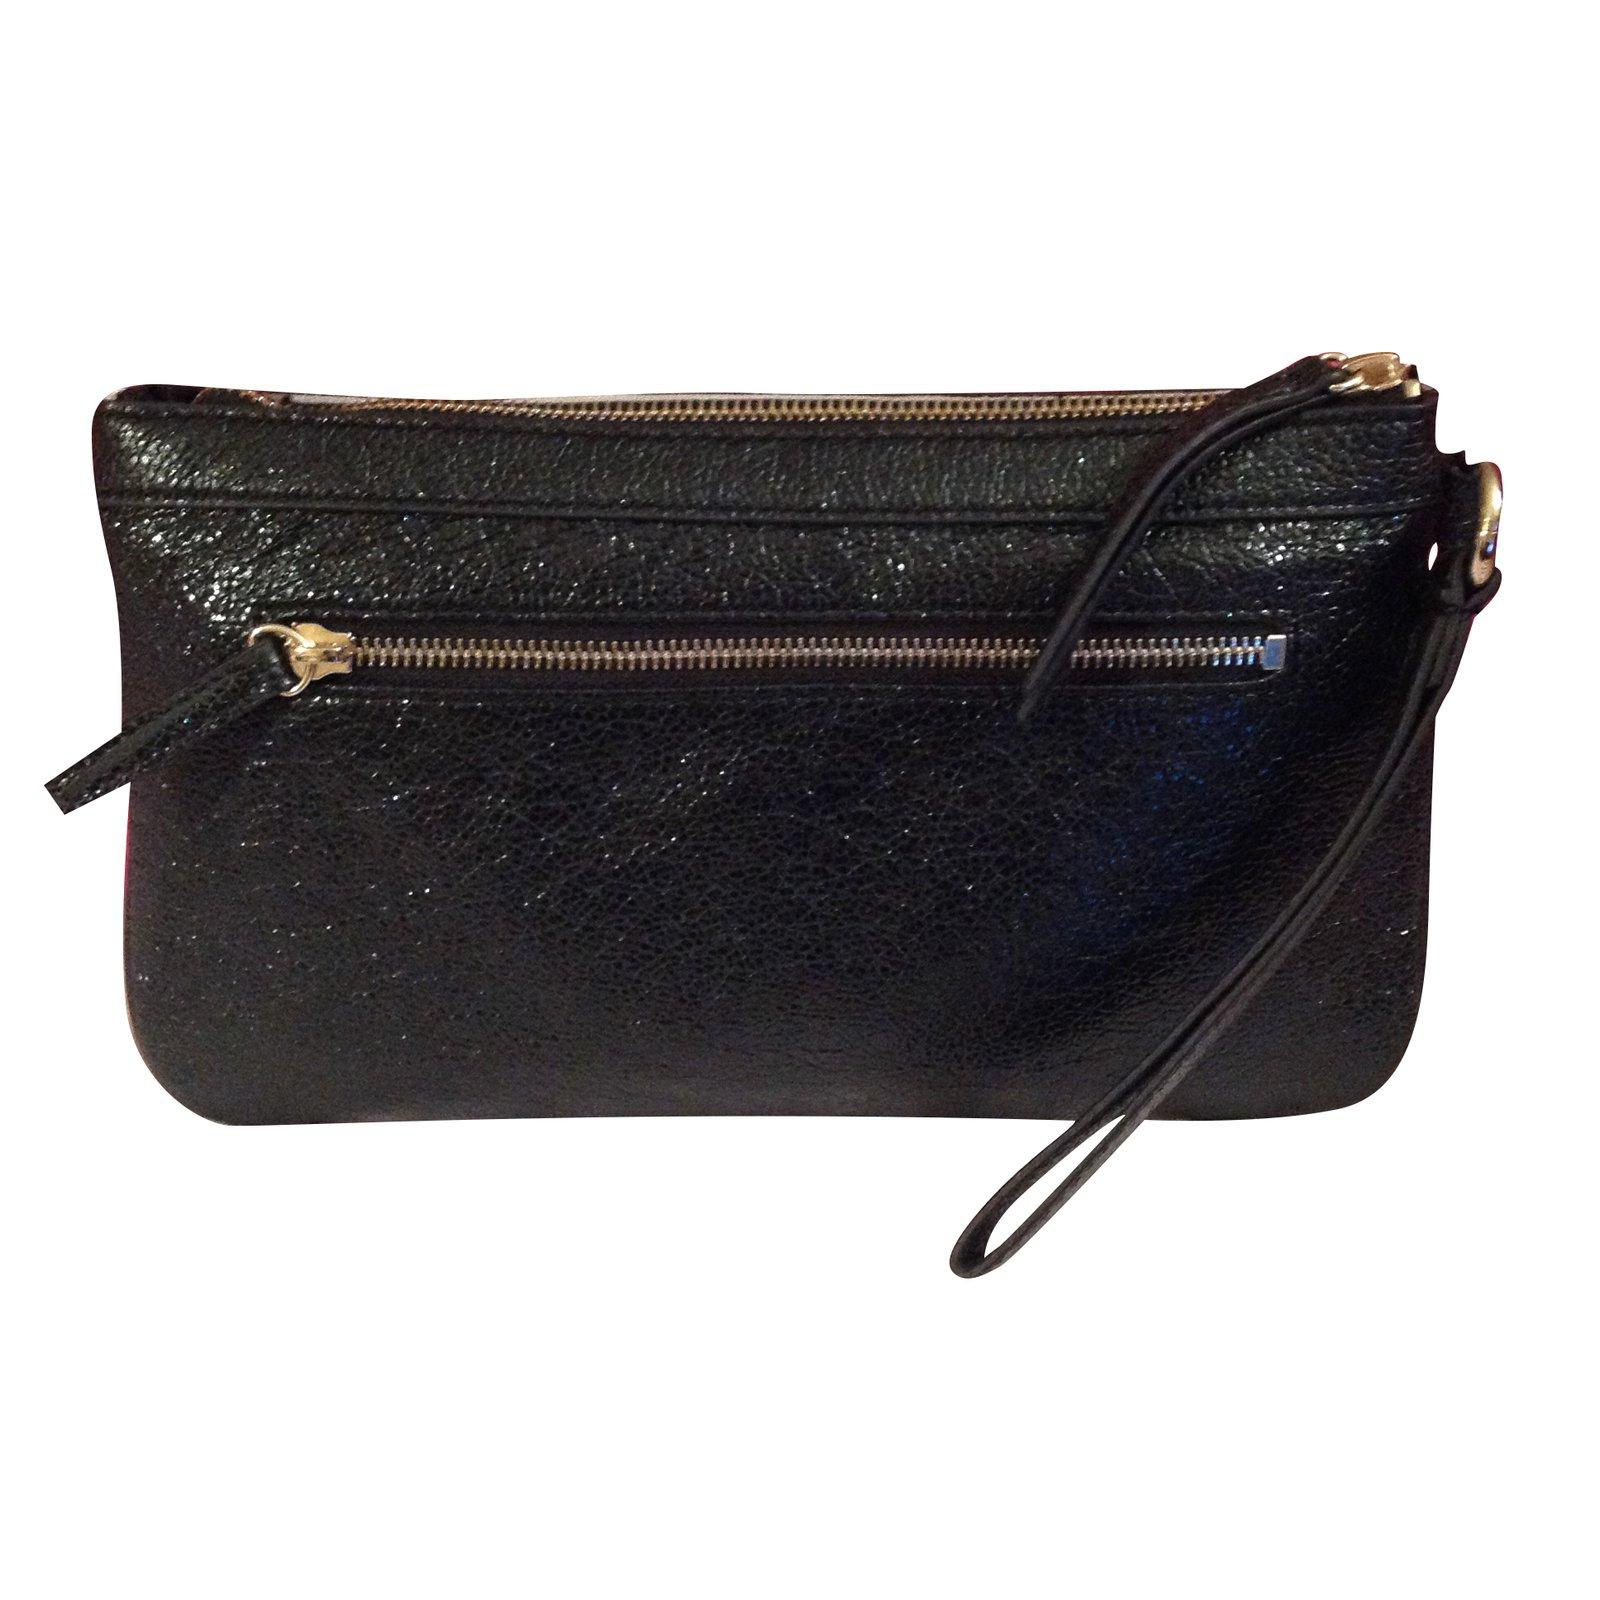 b5a64f9234 Guess Clutch Bags Leather Black Ref 51312 Joli Closet